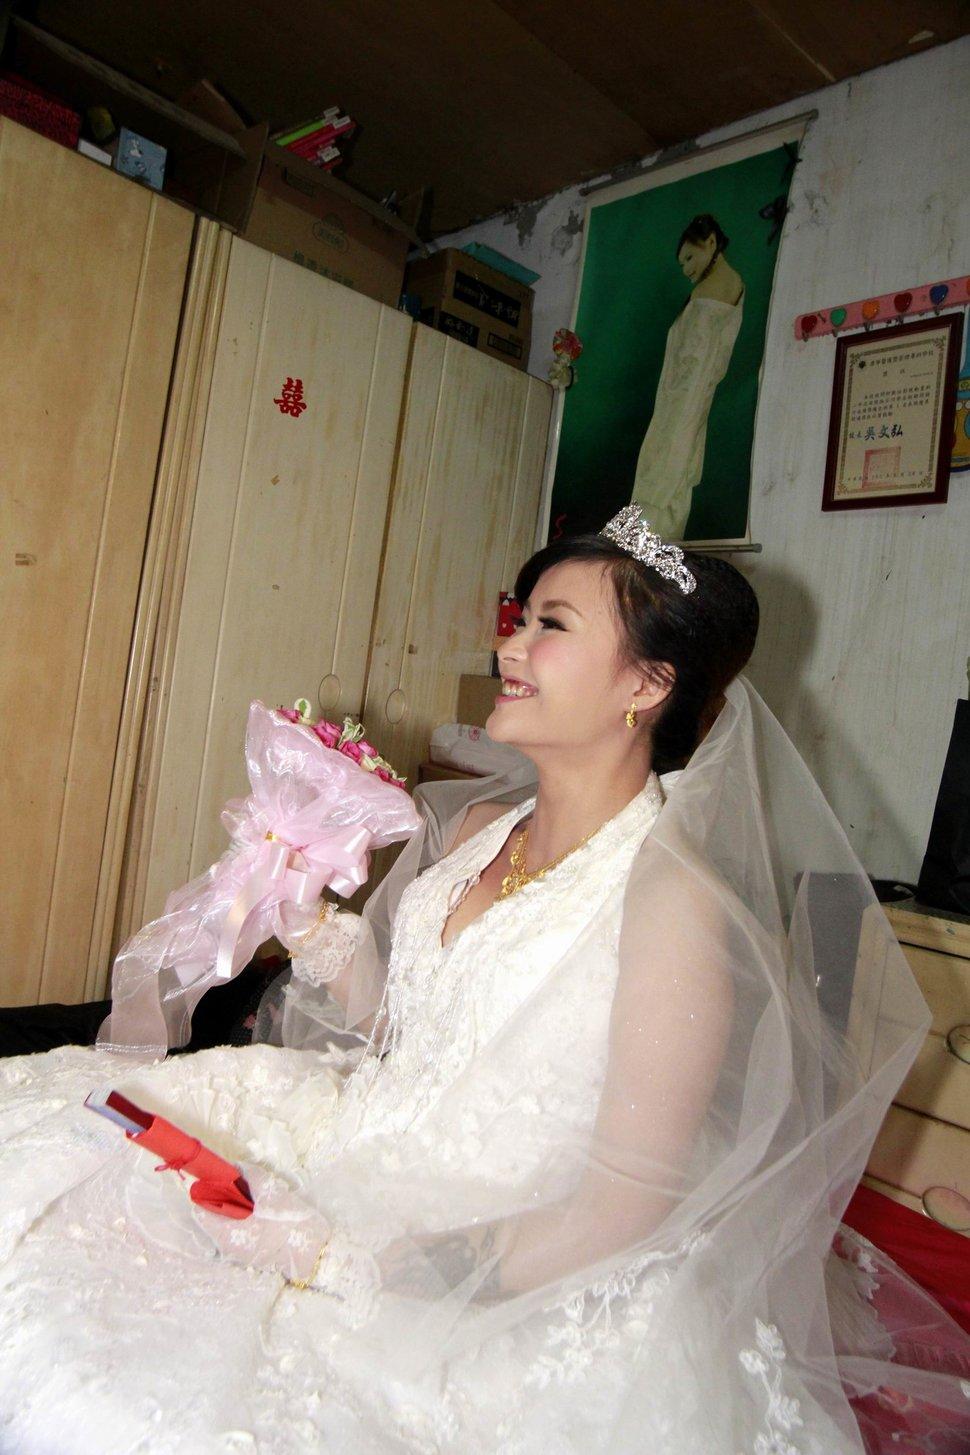 蜜月婚攝新莊美食喜相逢餐廳會館結婚迎娶儀式晚宴婚禮記錄動態微電影錄影專業錄影平面攝影婚攝婚禮主持人(編號:270460) - 蜜月拍照10800錄影12800攝影團隊 - 結婚吧